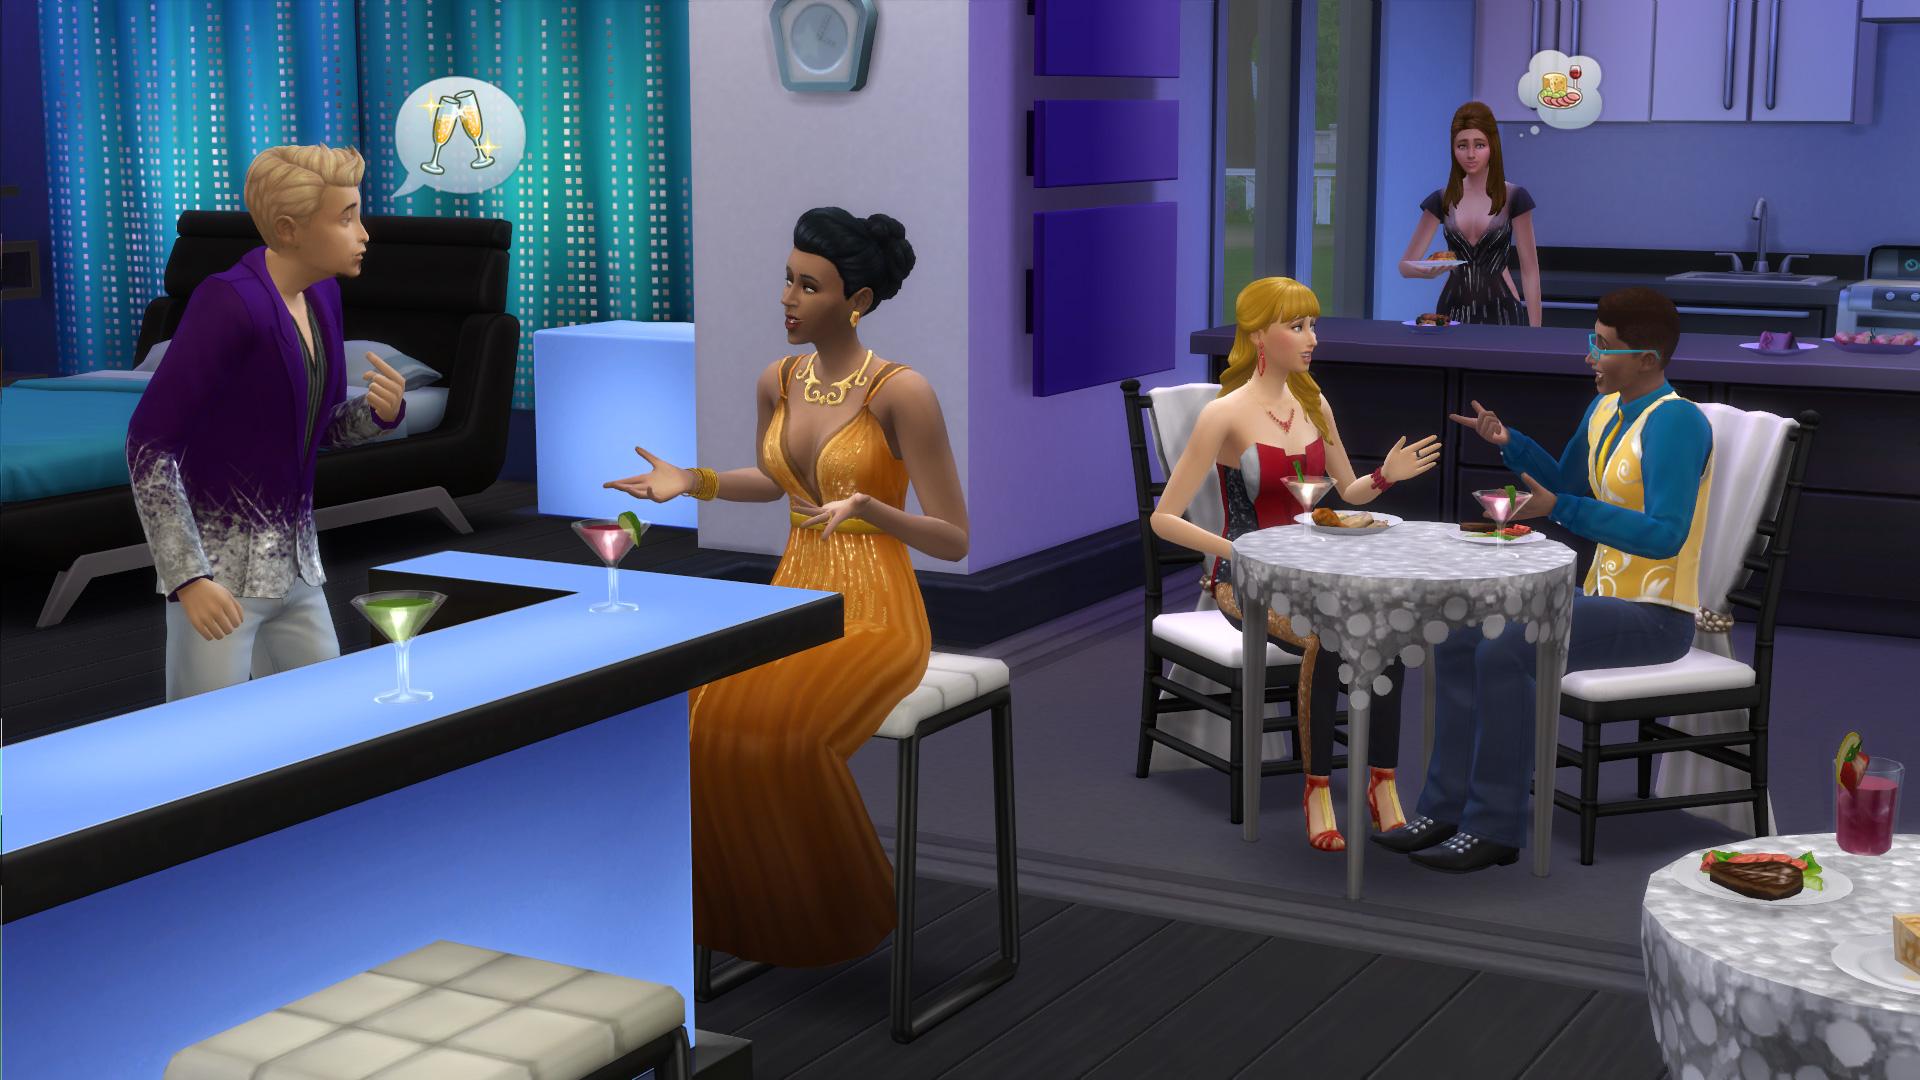 Сезонные праздники в The Sims 3 Времена года 2